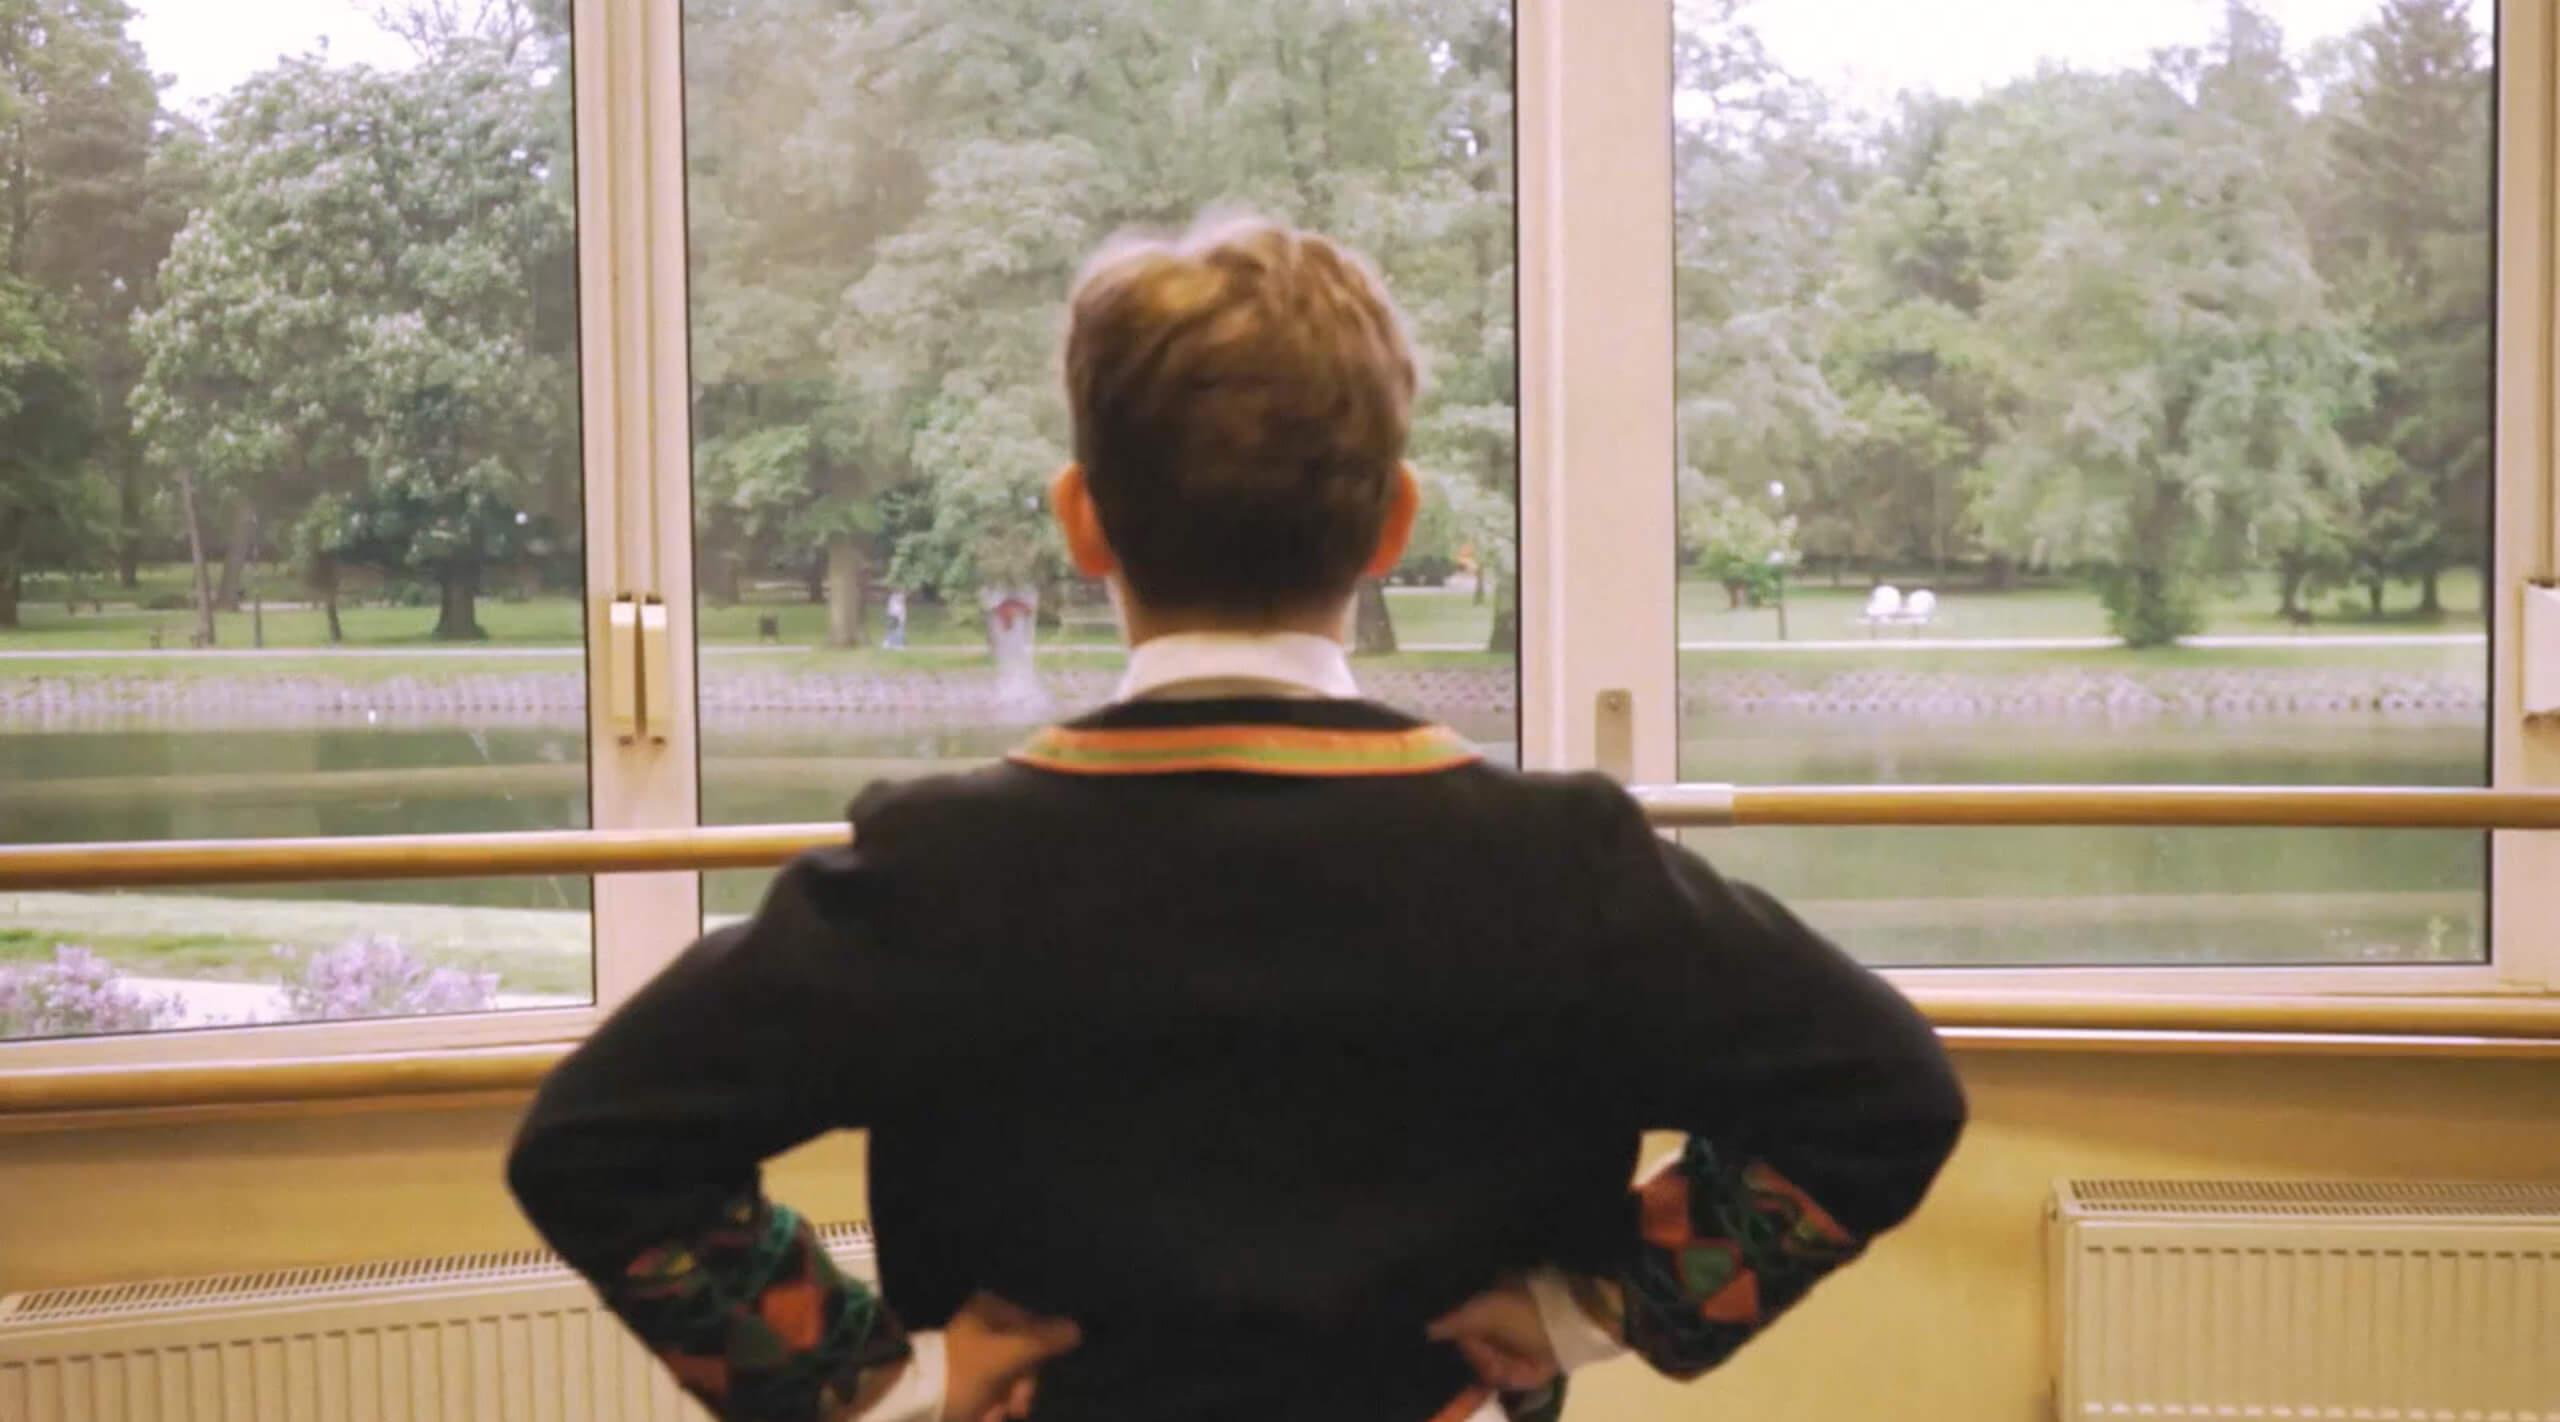 Chłopiec stojący tyłem. Patrzy w kierunku okna. Za oknem dużo drzew oraz zbiornik wodny.